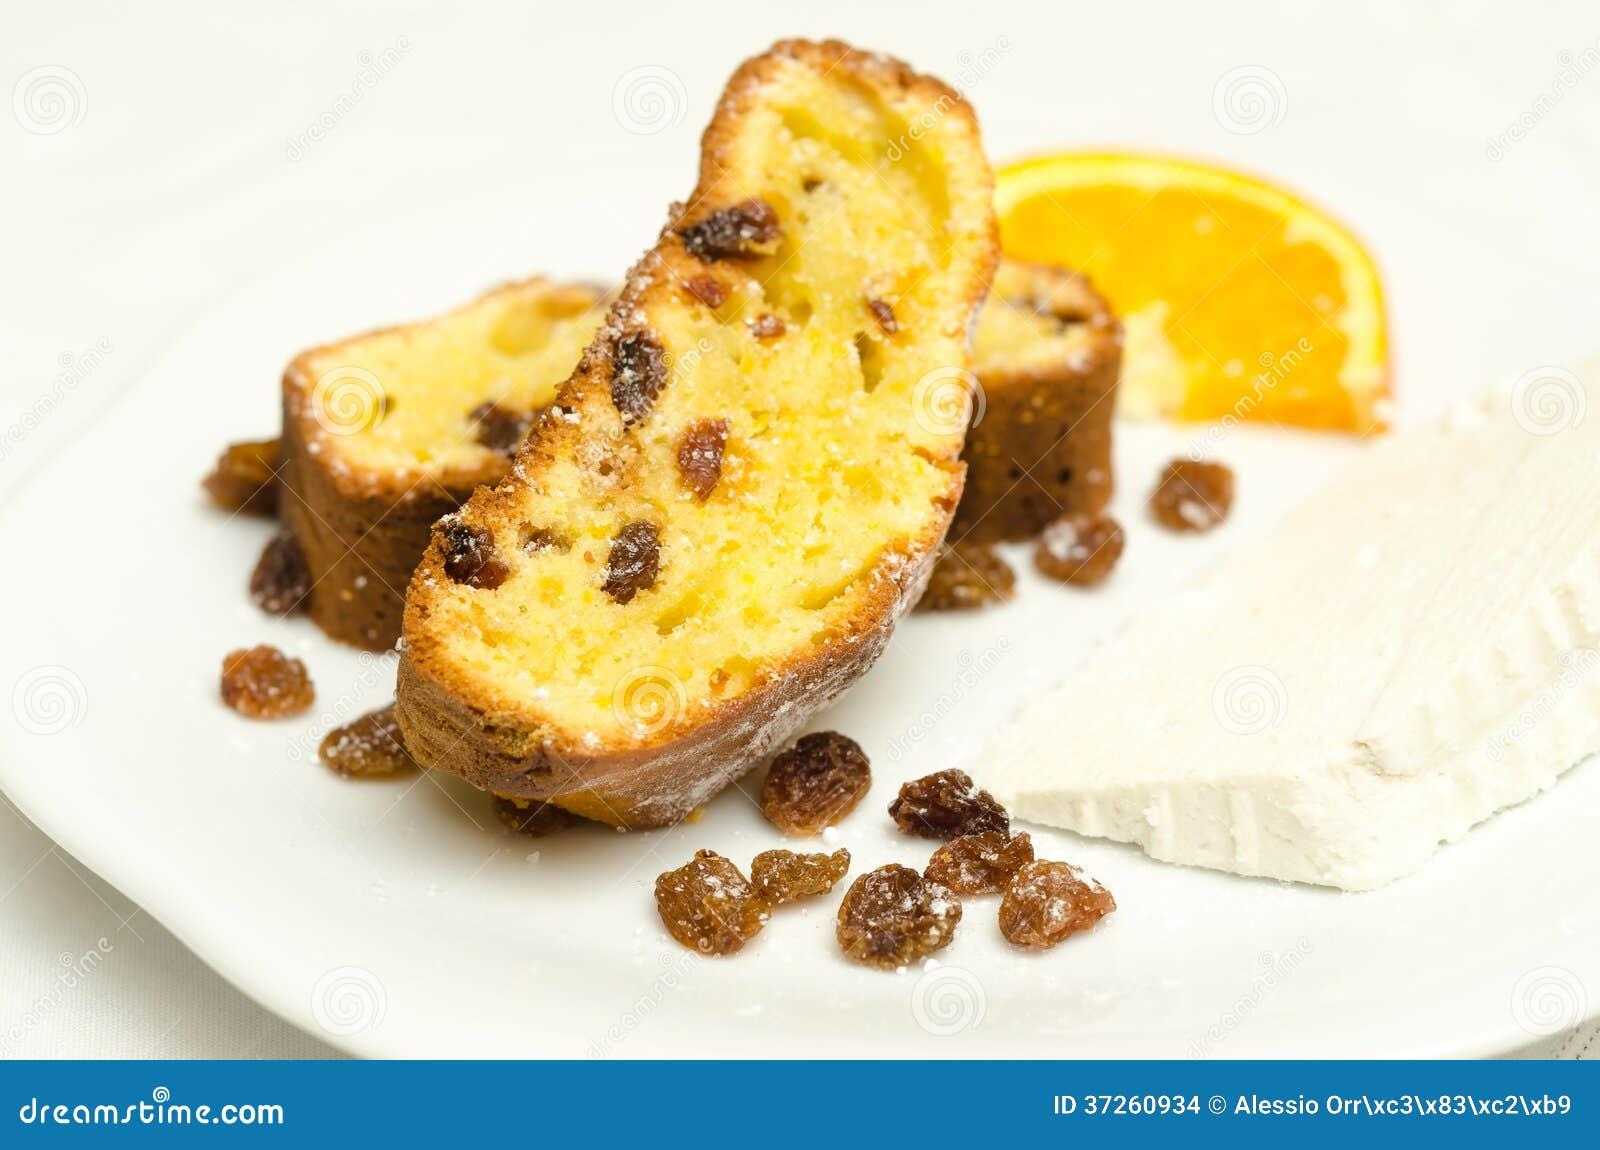 kuchen mit ricotta und frucht stockbilder bild 37260934. Black Bedroom Furniture Sets. Home Design Ideas